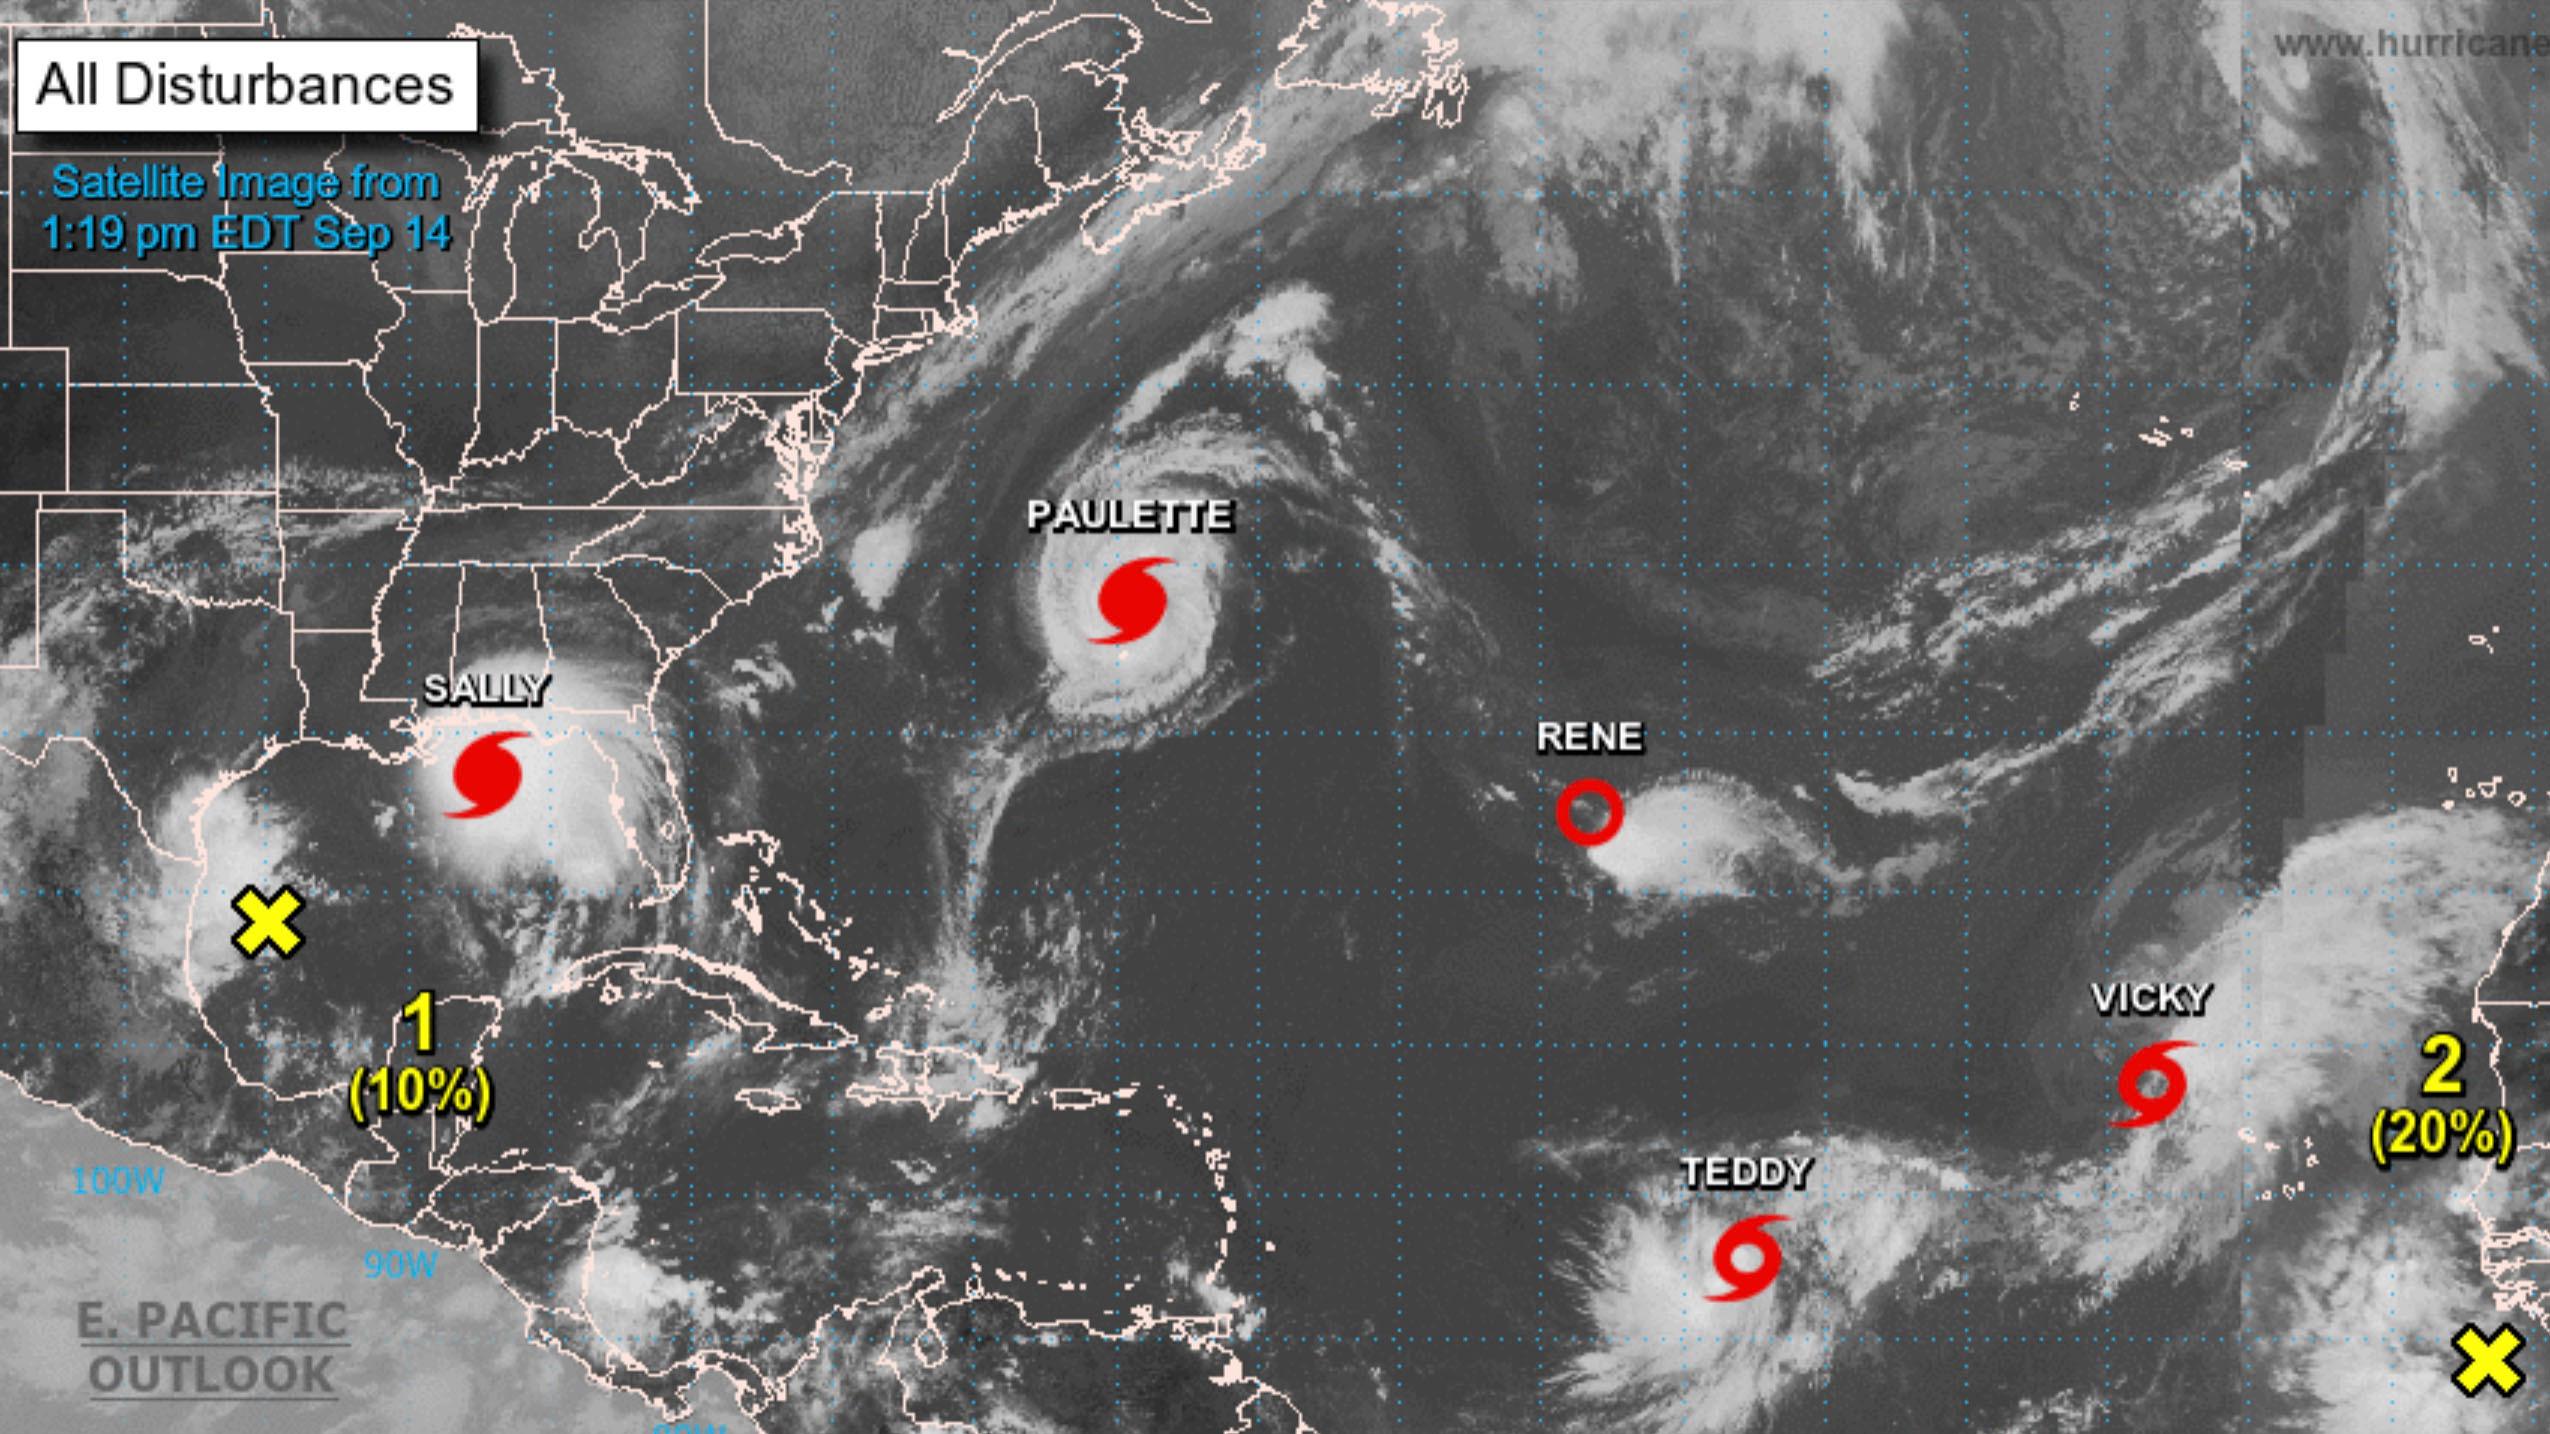 Con tantas tormentas en el Atlántico, se agotan los nombres ¿cómo se llamarán entonces? 2